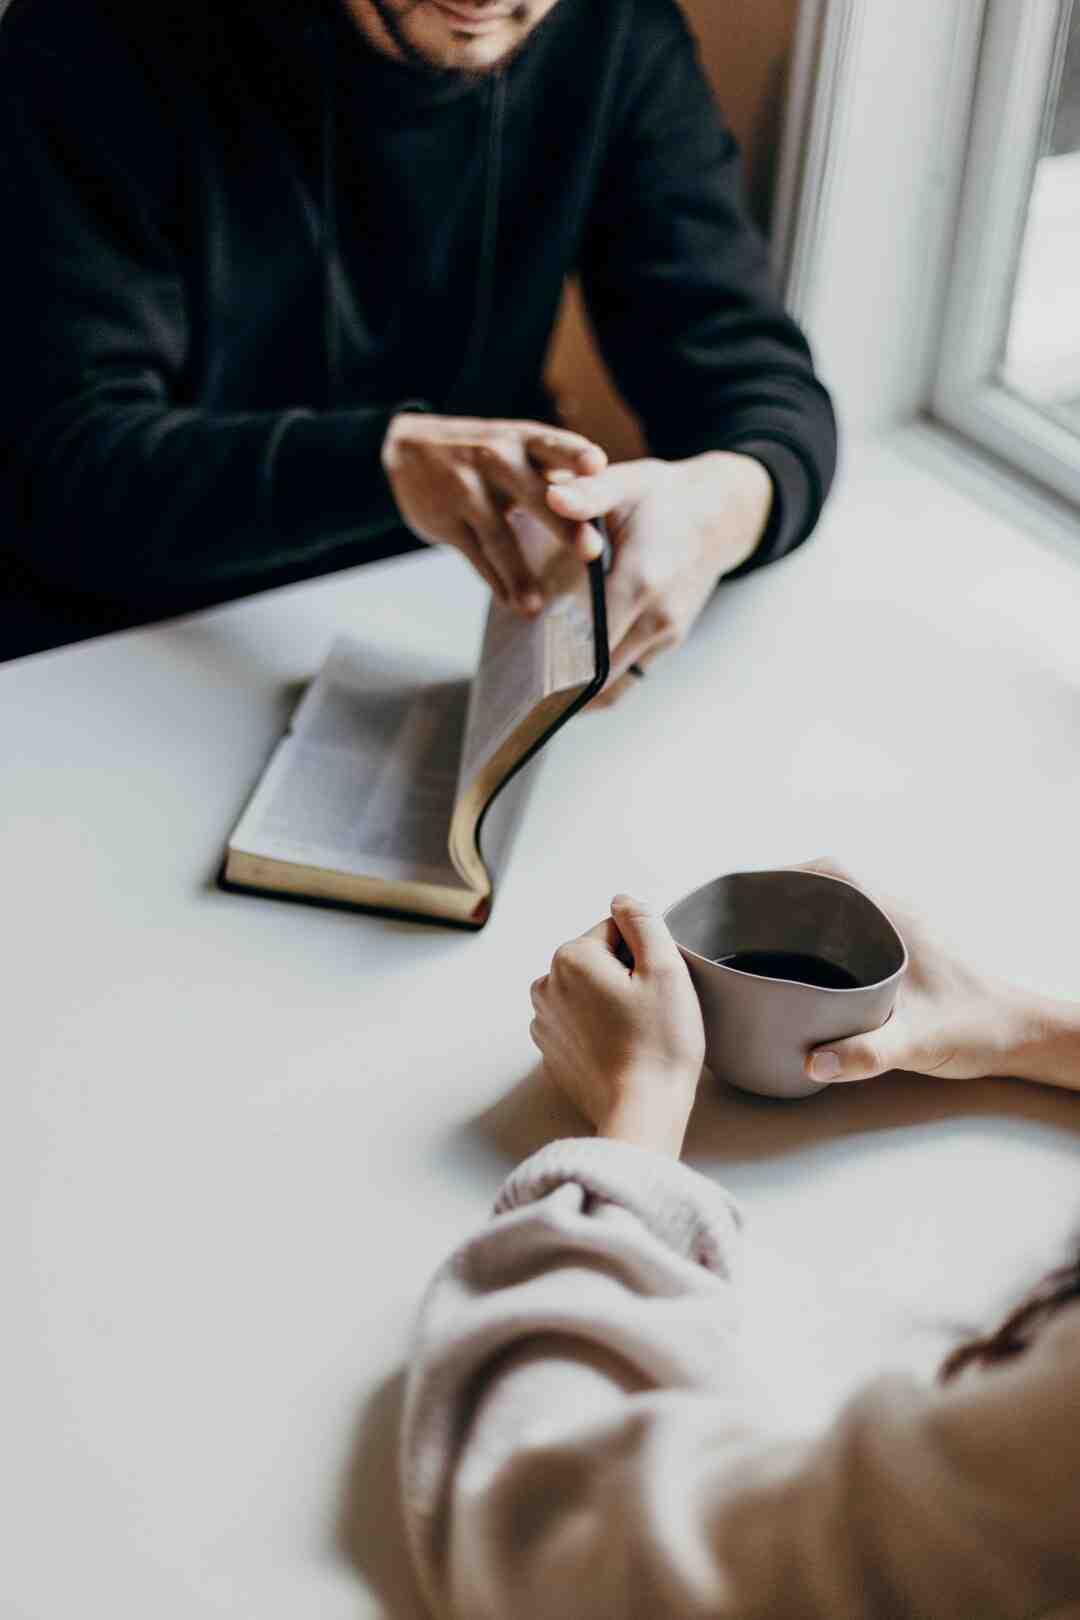 Quel papier Faut-il changer après mariage ?